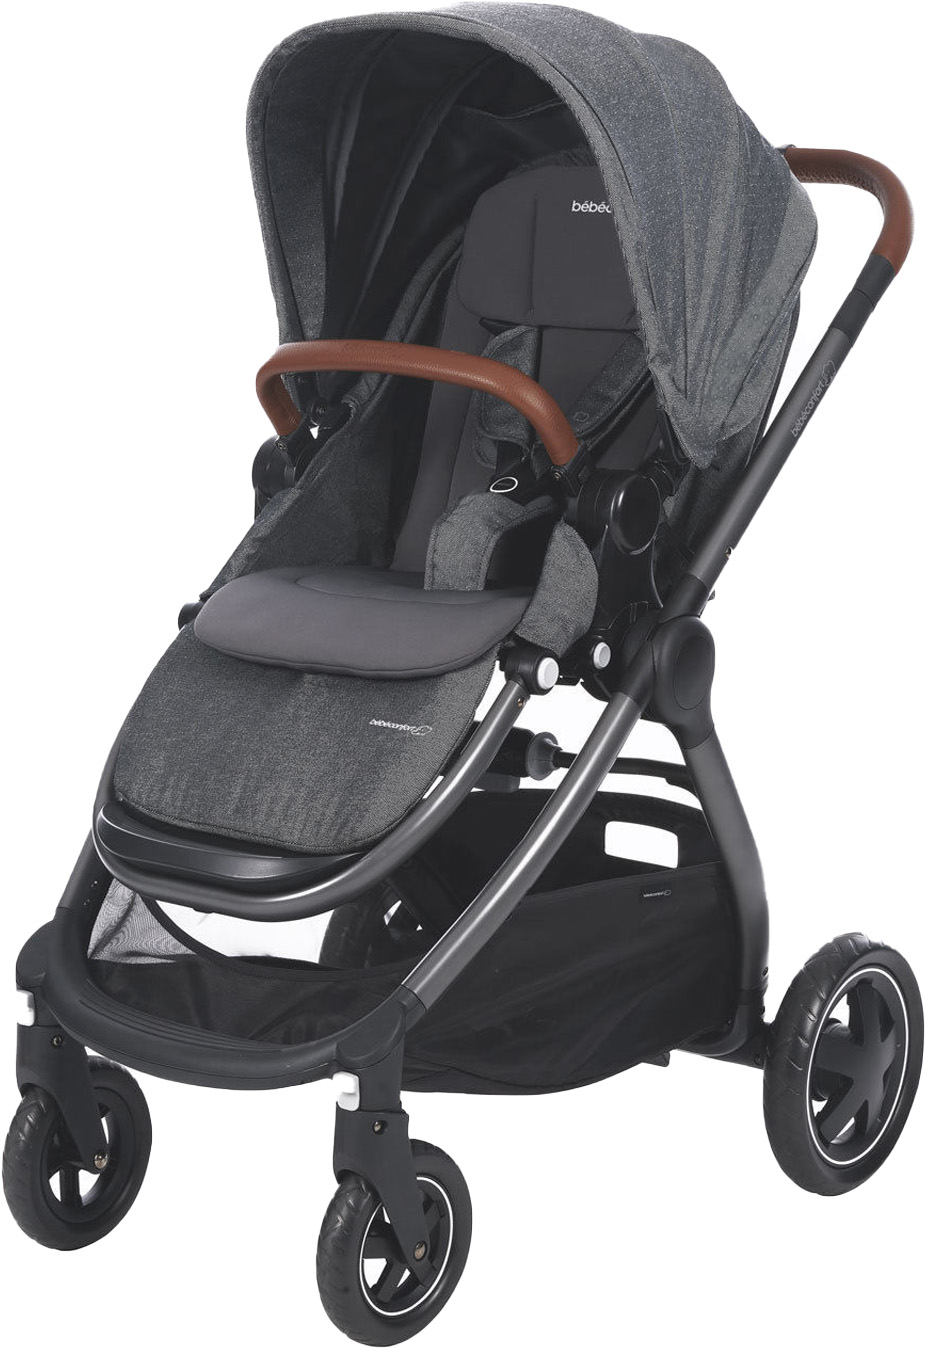 Коляска прогулочная Bebe Confort Adorra серый90635Новая коляска Adorra от Bebe Confort - это городская коляска будущего, с лучшим в своем классе комфортом для ребенка и простотой использования для родителей. Вы можете наслаждаться покупками в городе или долгими прогулками на природе. Ее тонкие и вездеходные колеса делают ее очень маневренной и проходимой. С удобной системой для путешествий можно передвигаться как в условиях города, так и по грунтовым дорогам. Всего за 2 клика добавьте к коляске Bebe Confort люльку, чтобы превратить Адорру в систему для путешествий 2-в-1, подходящую от рождения до 3,5 лет (0-15 кг).Дорогие, выдержанные цвета подчеркиваются алюминиевым каркасом и стильной кожаной отделкой с тисненым логотипом Bebe Confort.Стильная коляска премиум класса Adorra от Bebe Confort является членом Вашей семьи.Характеристики:• Прогулочный блок устанавливается в 2-х направлениях: лицом к маме и по ходу движения. Изготовлен из высококачественных, экологически чистых, прочных материалов. Практичная, непромокаемая и не продуваемая обивка легко снимается для чистки или стирки при температуре воды 30? С.• Сиденье эргономичной формы, удобное и комфортное, имеет несколько положений наклона, включая положение «лежа» для сна.• 5-ти точечные ремни безопасности с мягкими накладками, легко регулируются по высоте.• Съемный поручень и разделитель для ножек позволяет малышу легко выбраться из коляски и самостоятельно забраться в нее.• Регулируемый капюшон надежно защищает малыша от солнечных лучей (УФ 50+) и непогоды.• Удобная и рег...